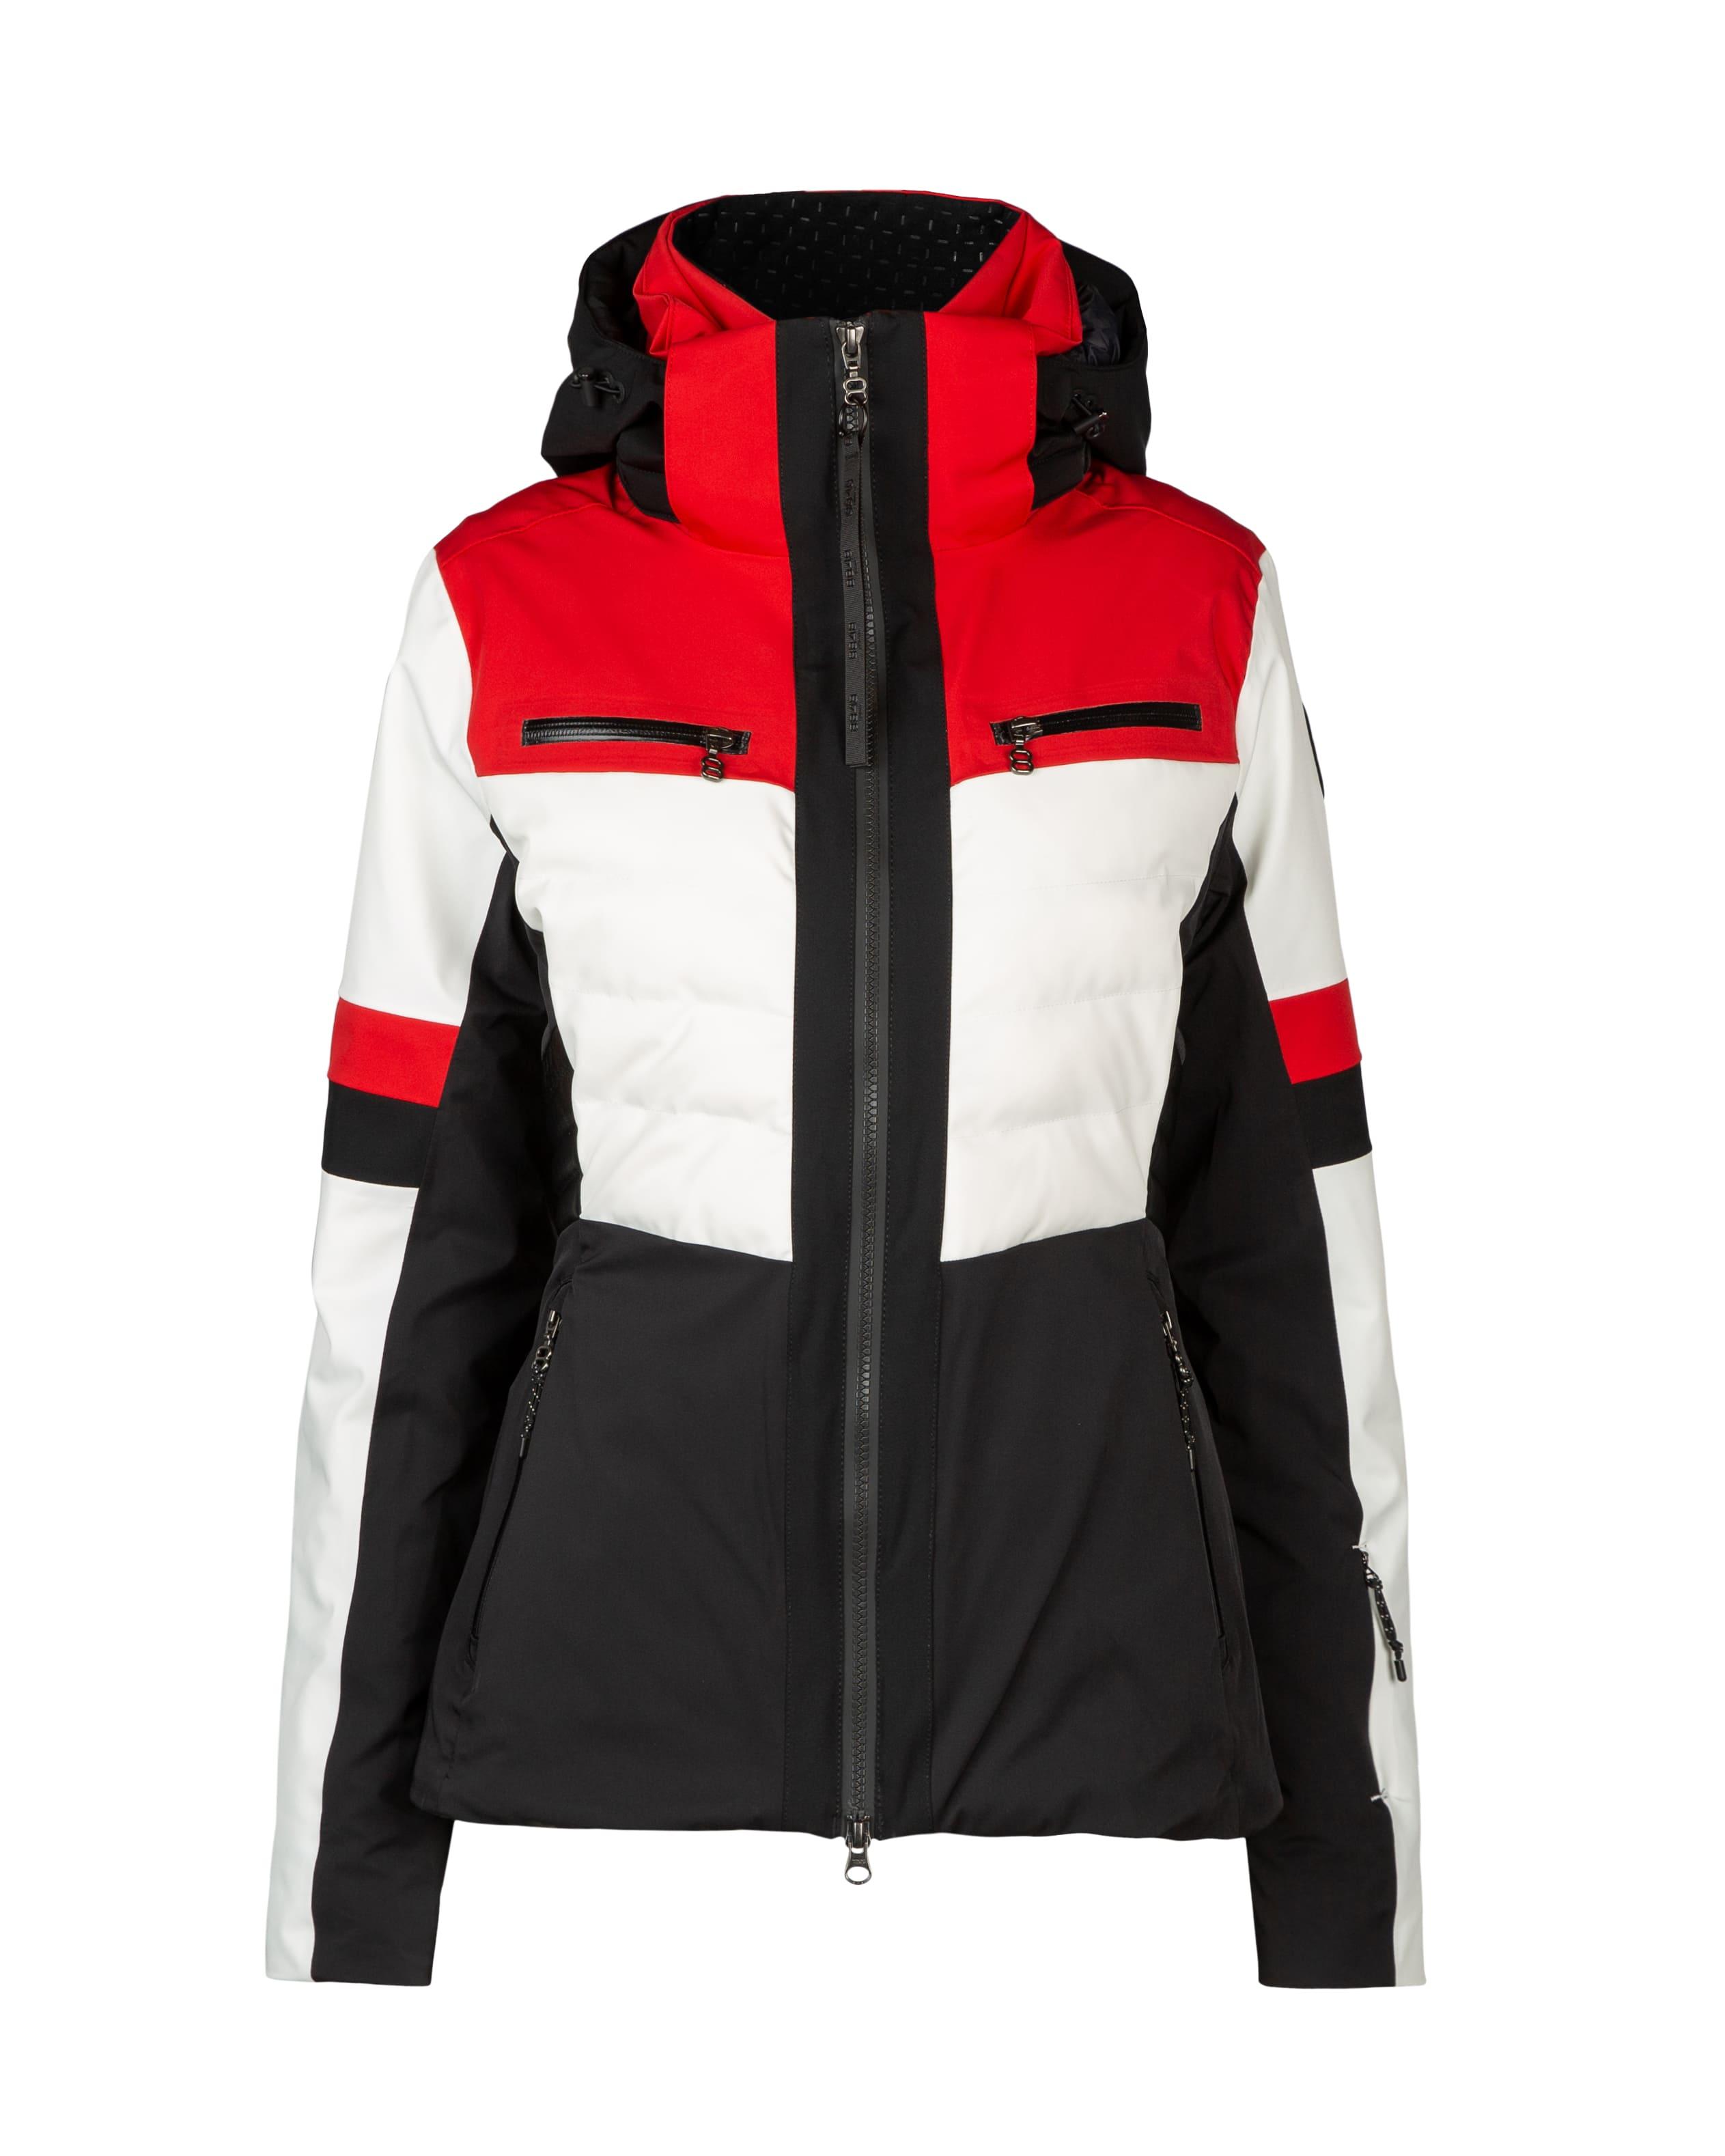 8848 Altitude W Zena Jacket 2022